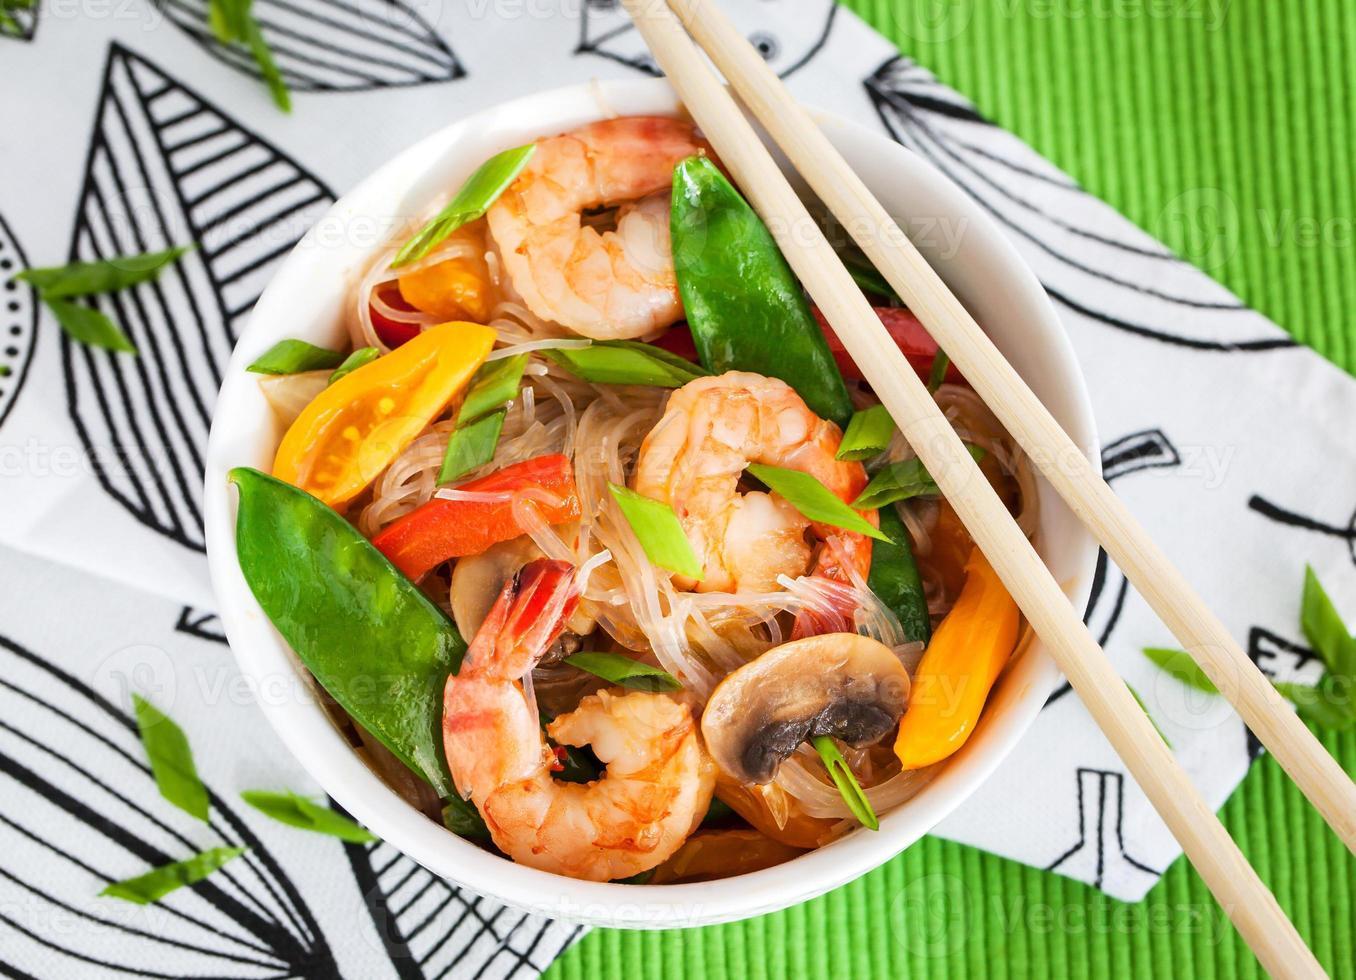 macarrão de arroz com camarão e legumes foto